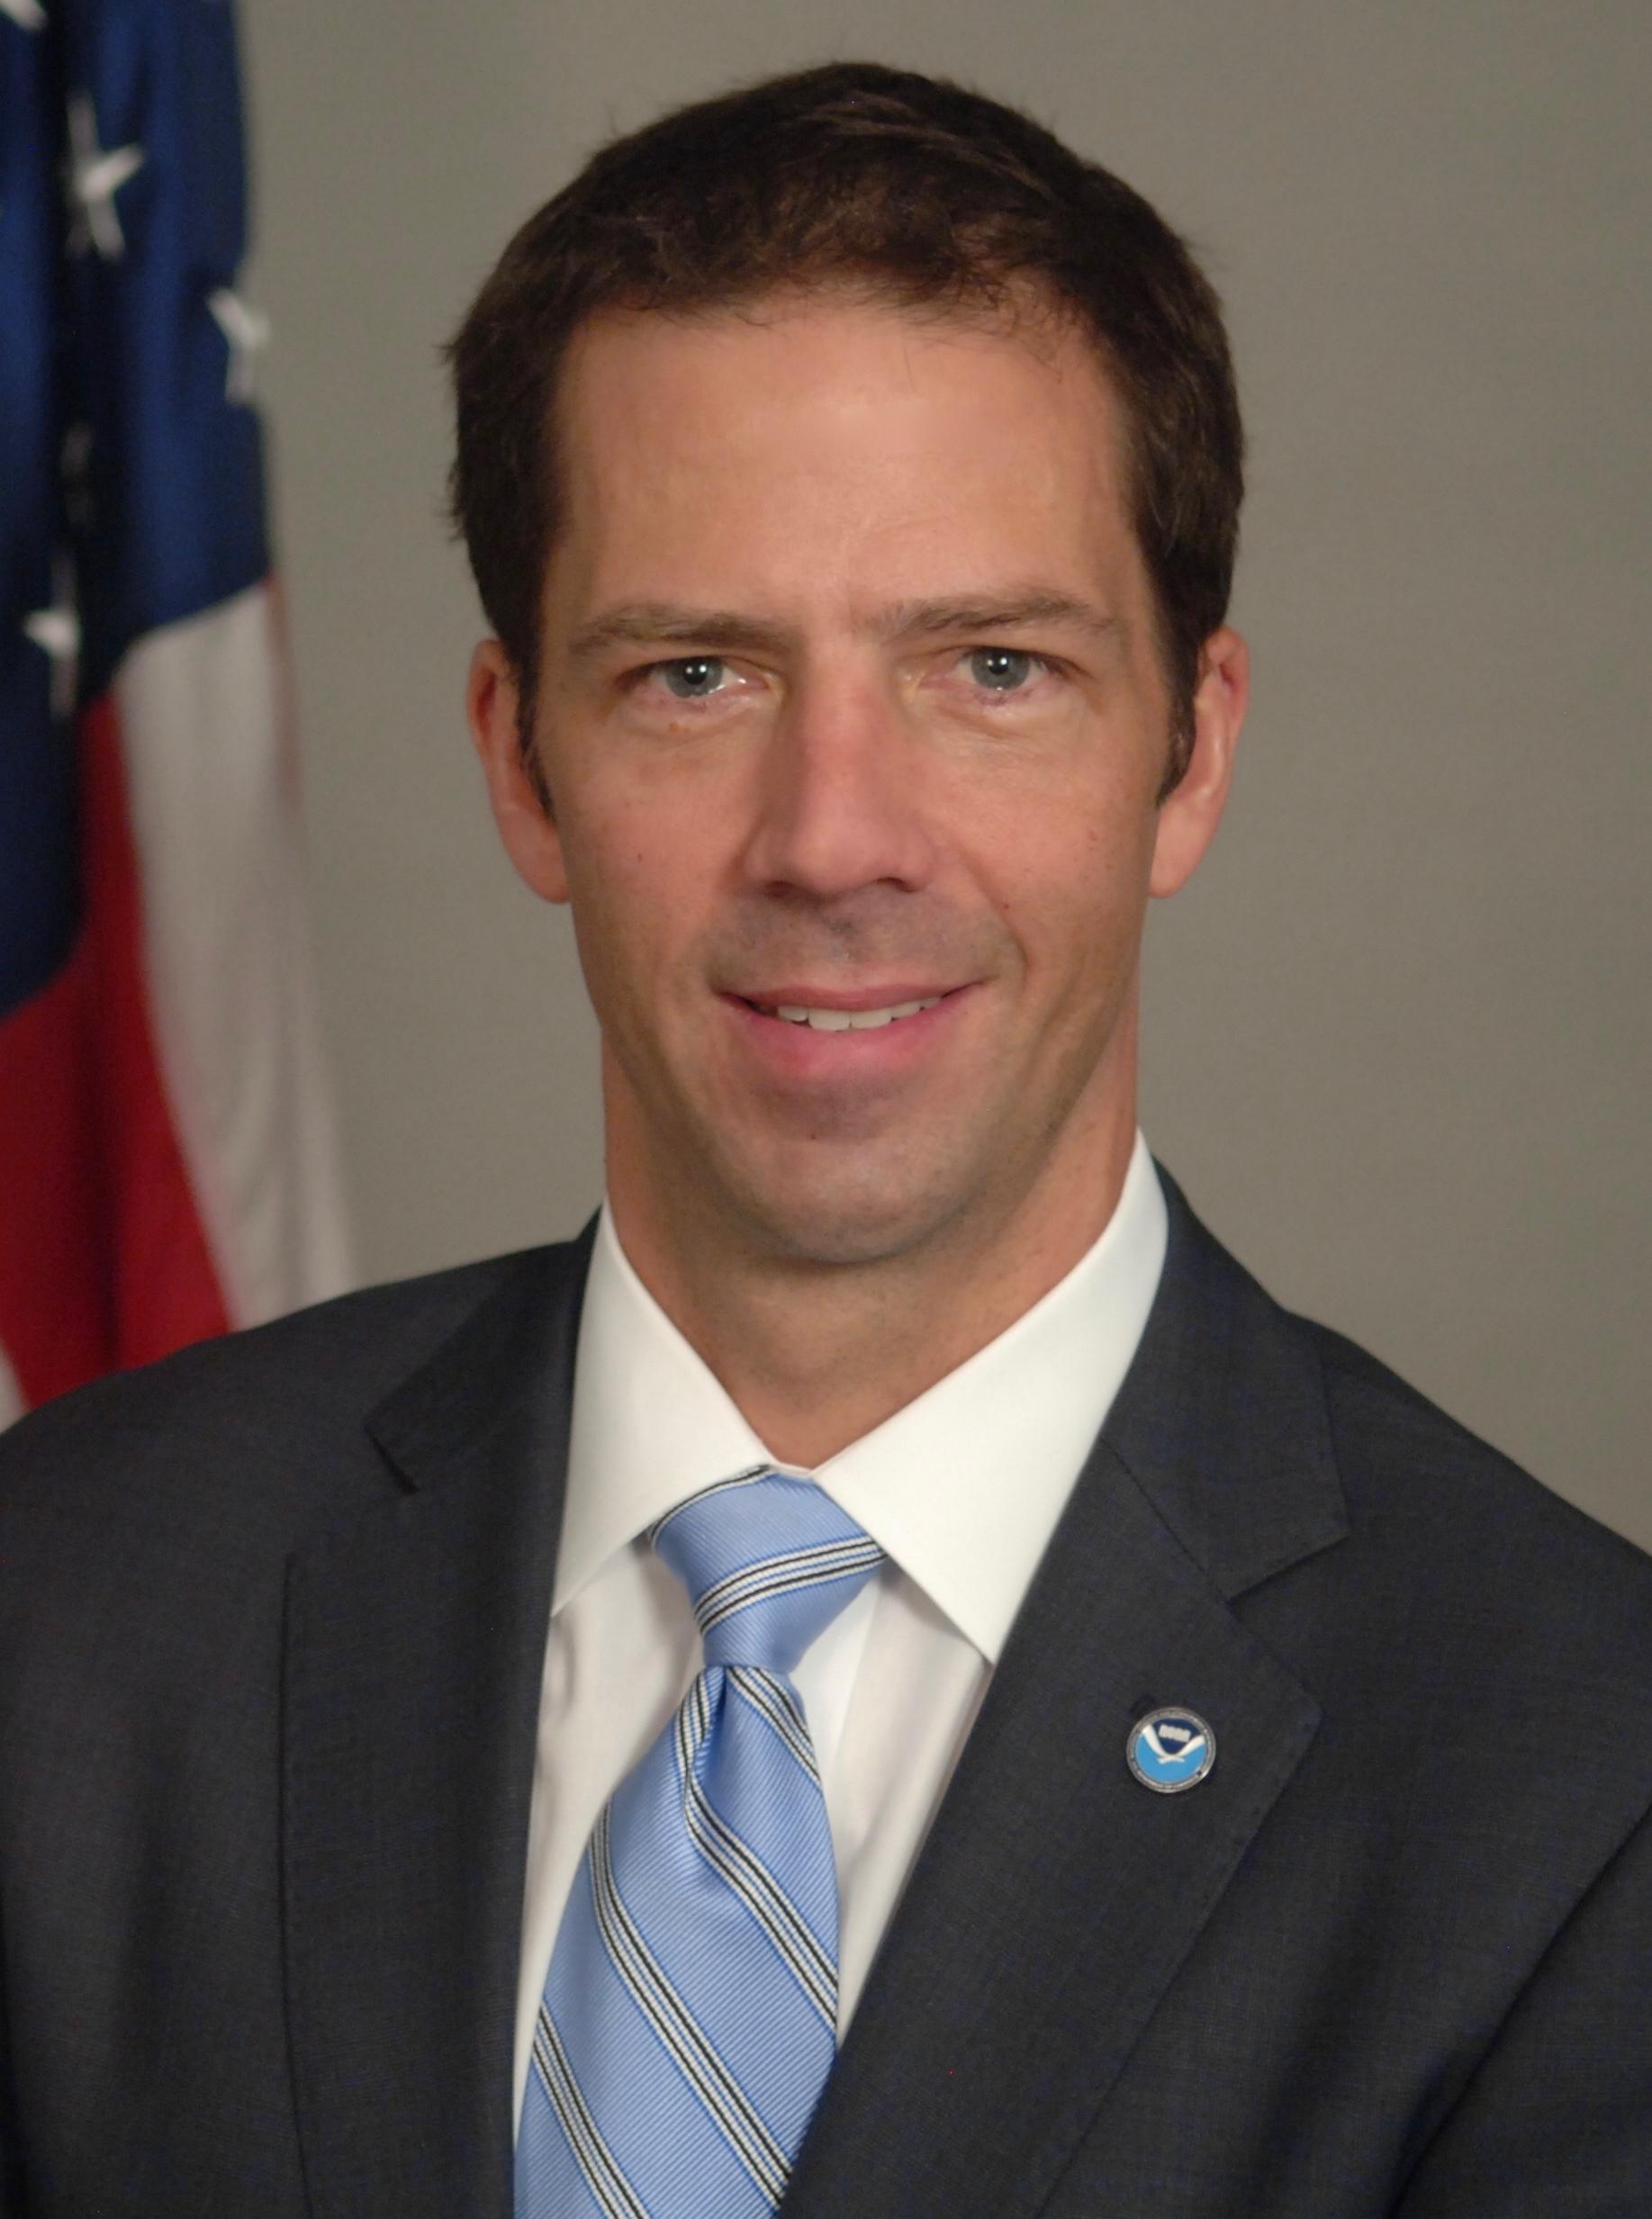 Neil Jacobs - Wikipedia